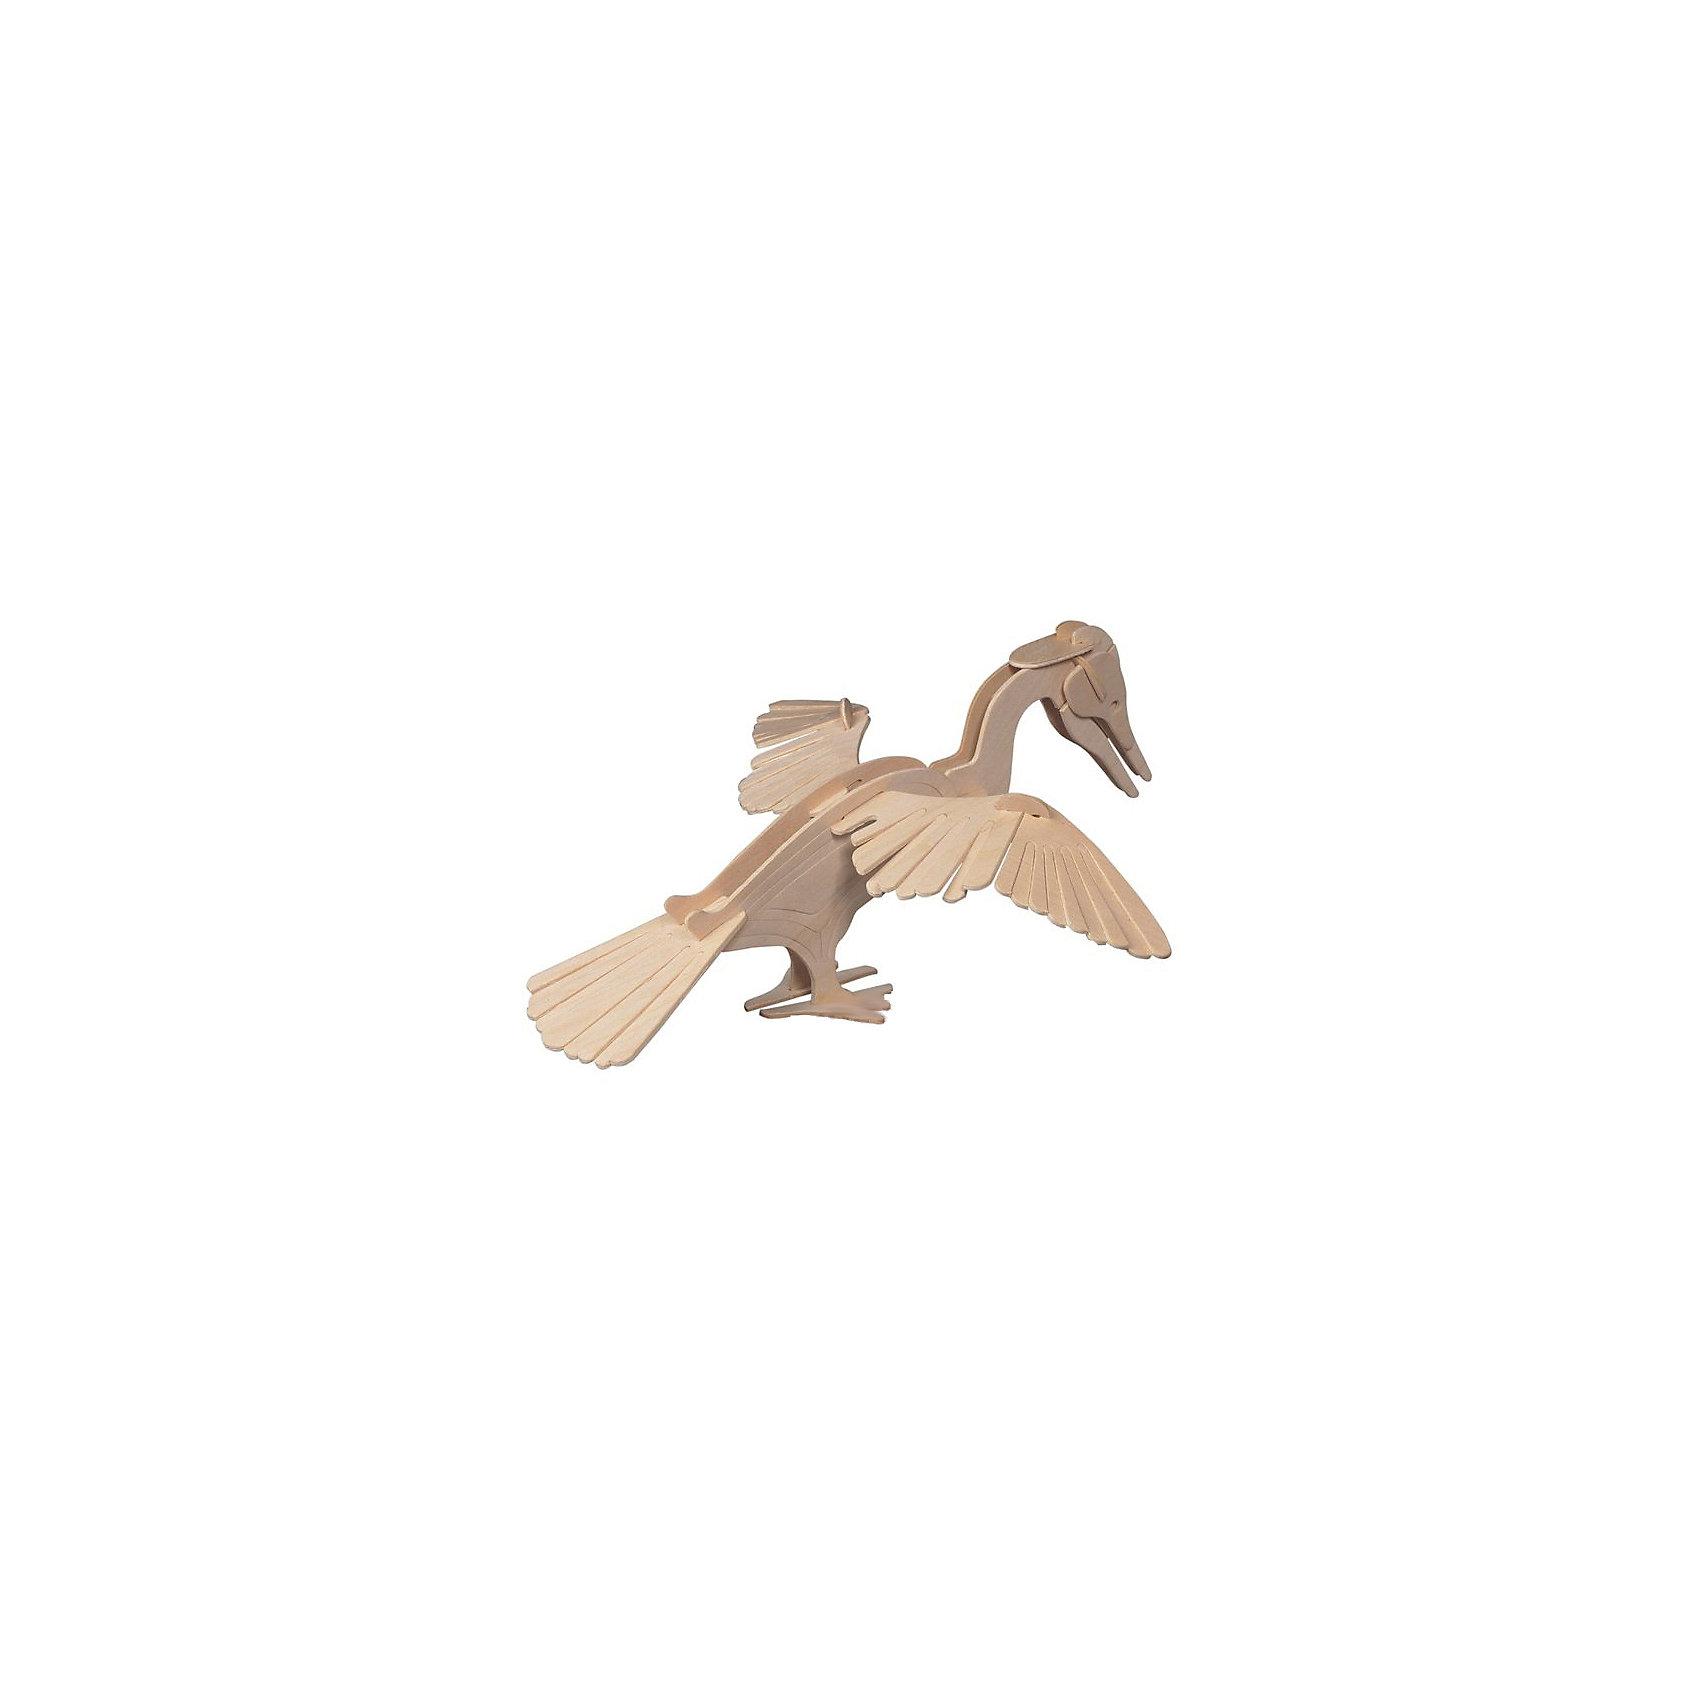 Змеешейка, Мир деревянных игрушекДеревянные конструкторы<br>Сделать деревянную игрушку самому - какой ребенок откажется от этого?! Специально для любящих творчество и интересующихся животным миром были разработаны эти 3D-пазлы. Из них получаются красивые очень реалистичные фигуры, которые могут стать украшением комнаты.<br>Собирая их, ребенок будет учиться соотносить фигуры, развивать пространственное мышление, память и мелкую моторику. А раскрашивая готовое произведение, дети научатся подбирать цвета и будут развивать художественные навыки. Этот набор произведен из качественных и безопасных для детей материалов - дерево тщательно обработано.<br><br>Дополнительная информация:<br><br>материал: дерево;<br>цвет: бежевый;<br>элементы: две пластины с деталями для сборки;<br>размер упаковки: 24 х 19 х 1 см.<br><br>3D-пазл Змеешейка от бренда Мир деревянных игрушек можно купить в нашем магазине.<br><br>Ширина мм: 220<br>Глубина мм: 30<br>Высота мм: 180<br>Вес г: 100<br>Возраст от месяцев: 36<br>Возраст до месяцев: 144<br>Пол: Унисекс<br>Возраст: Детский<br>SKU: 4969024